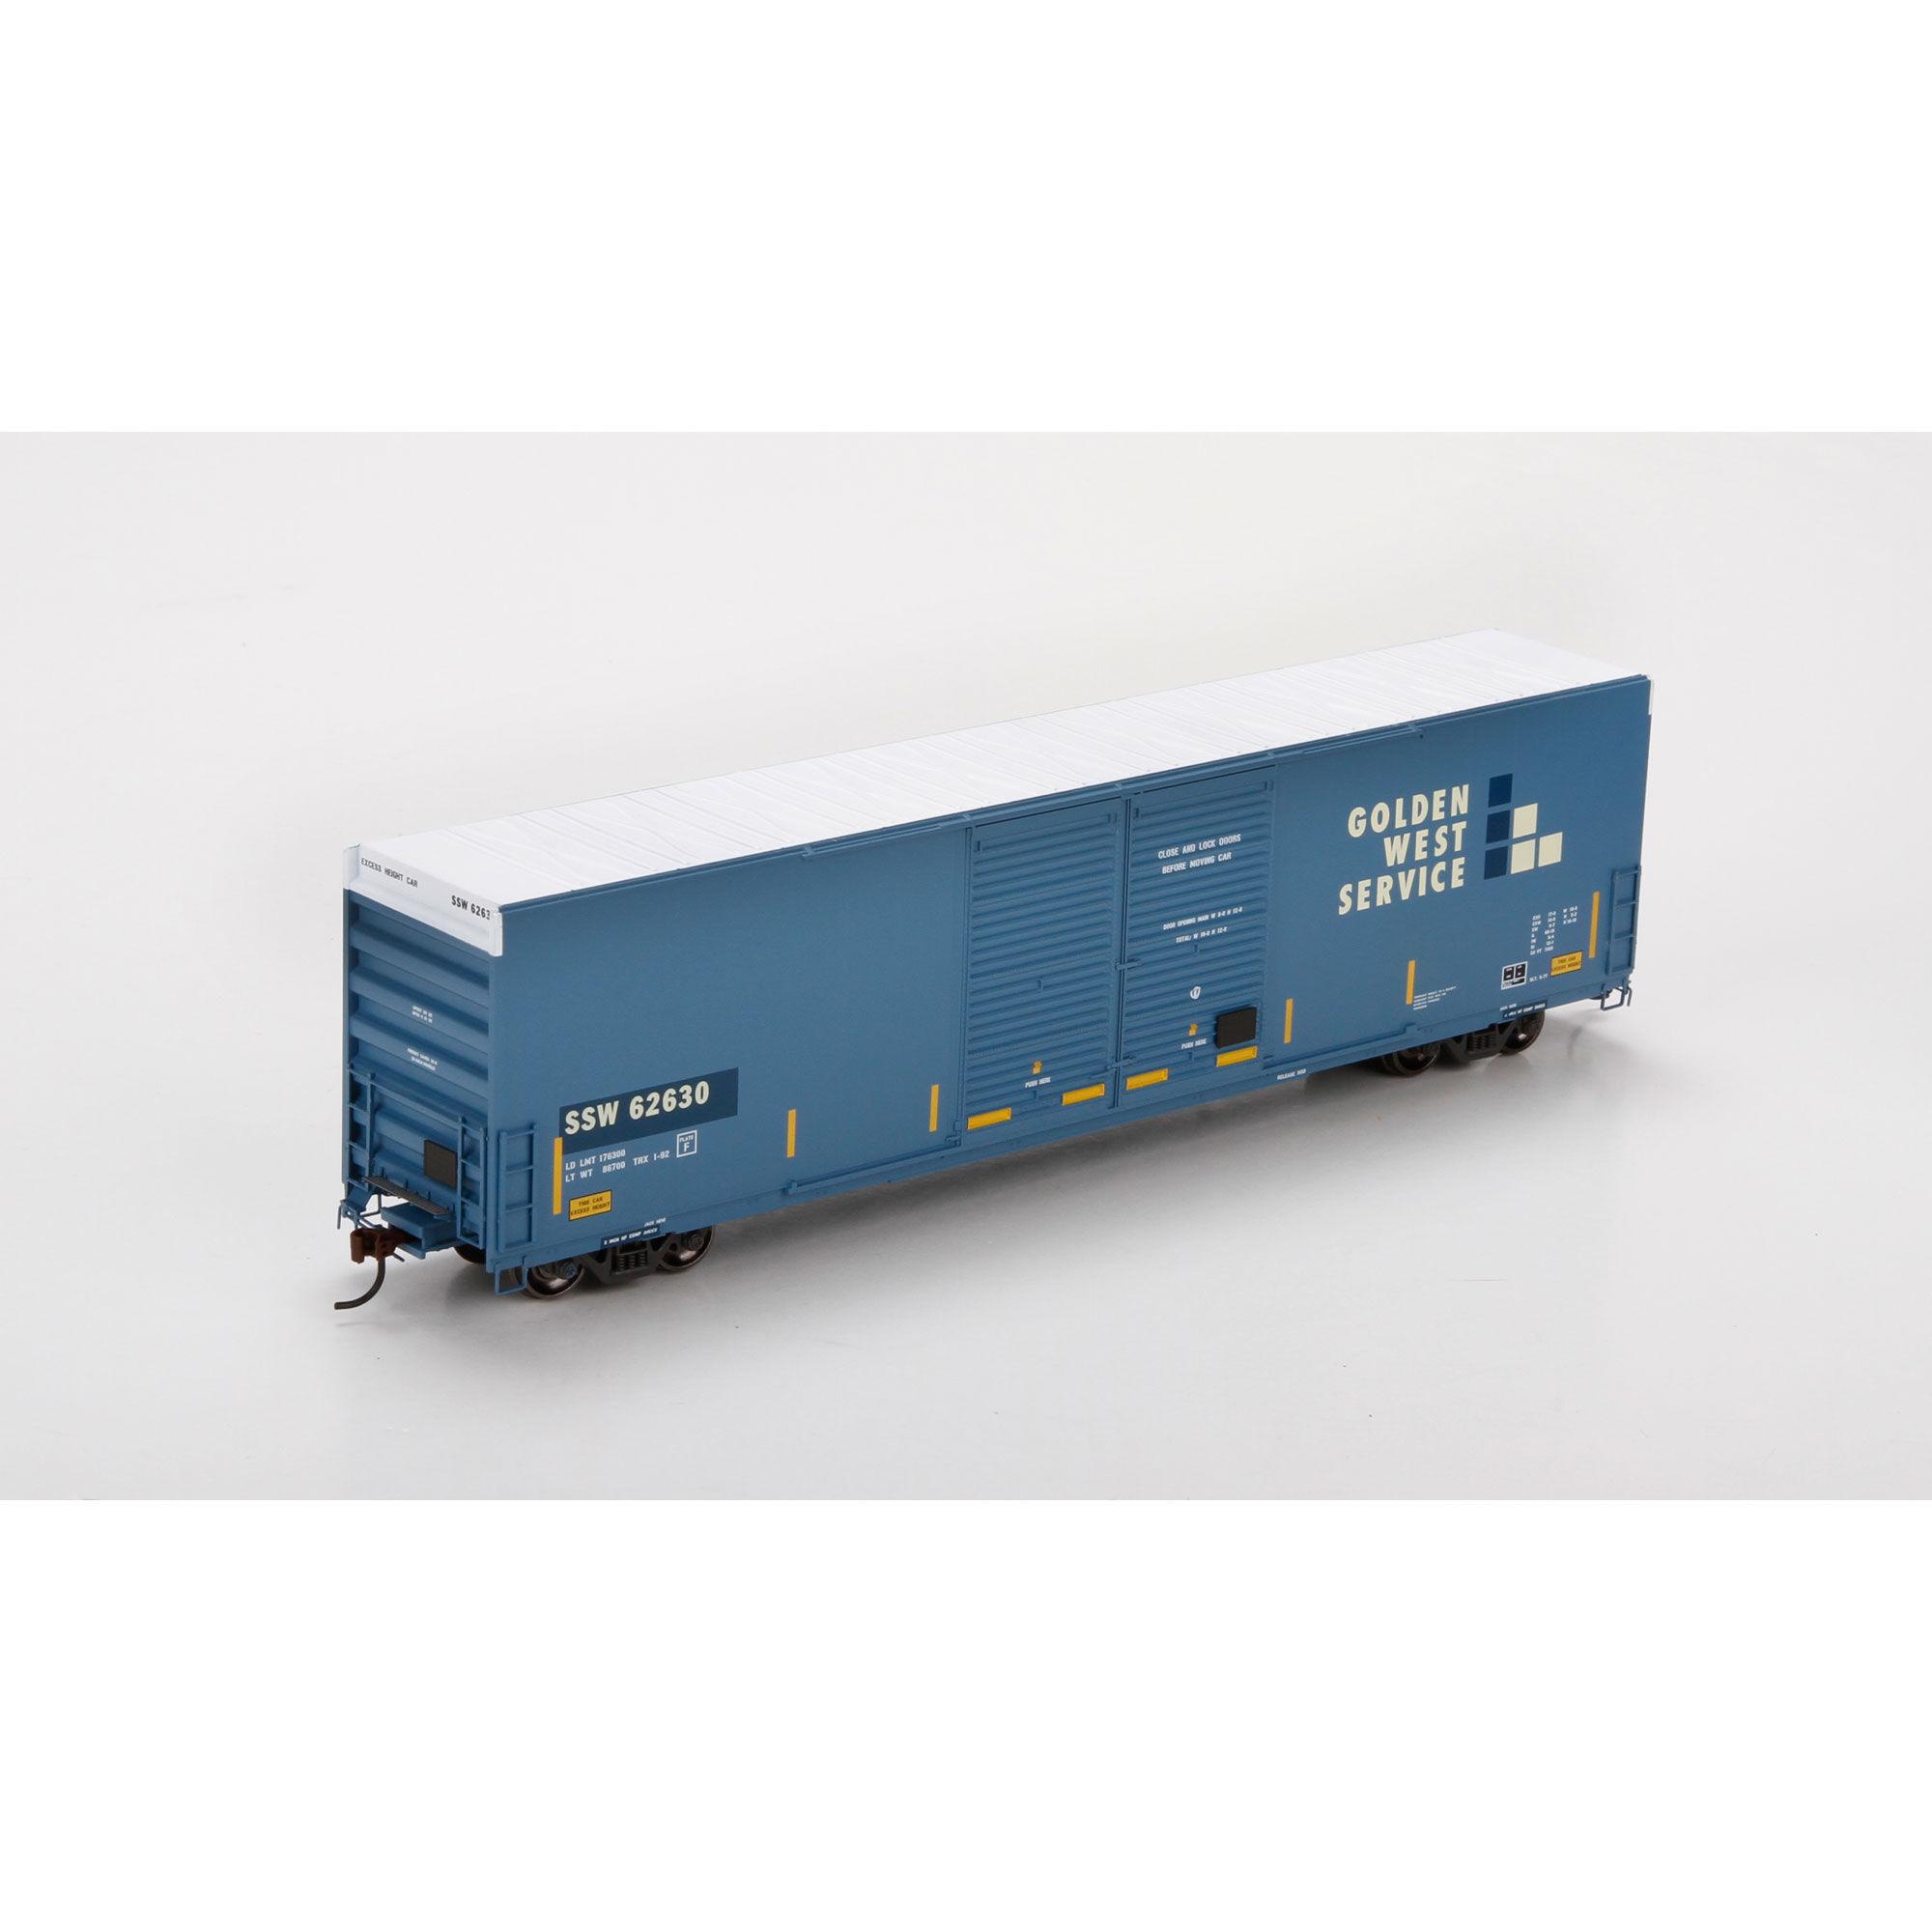 Athearn 87177 HO FMC 60' DD Hi-Cube Box, SSW/Ex-GWS #62630